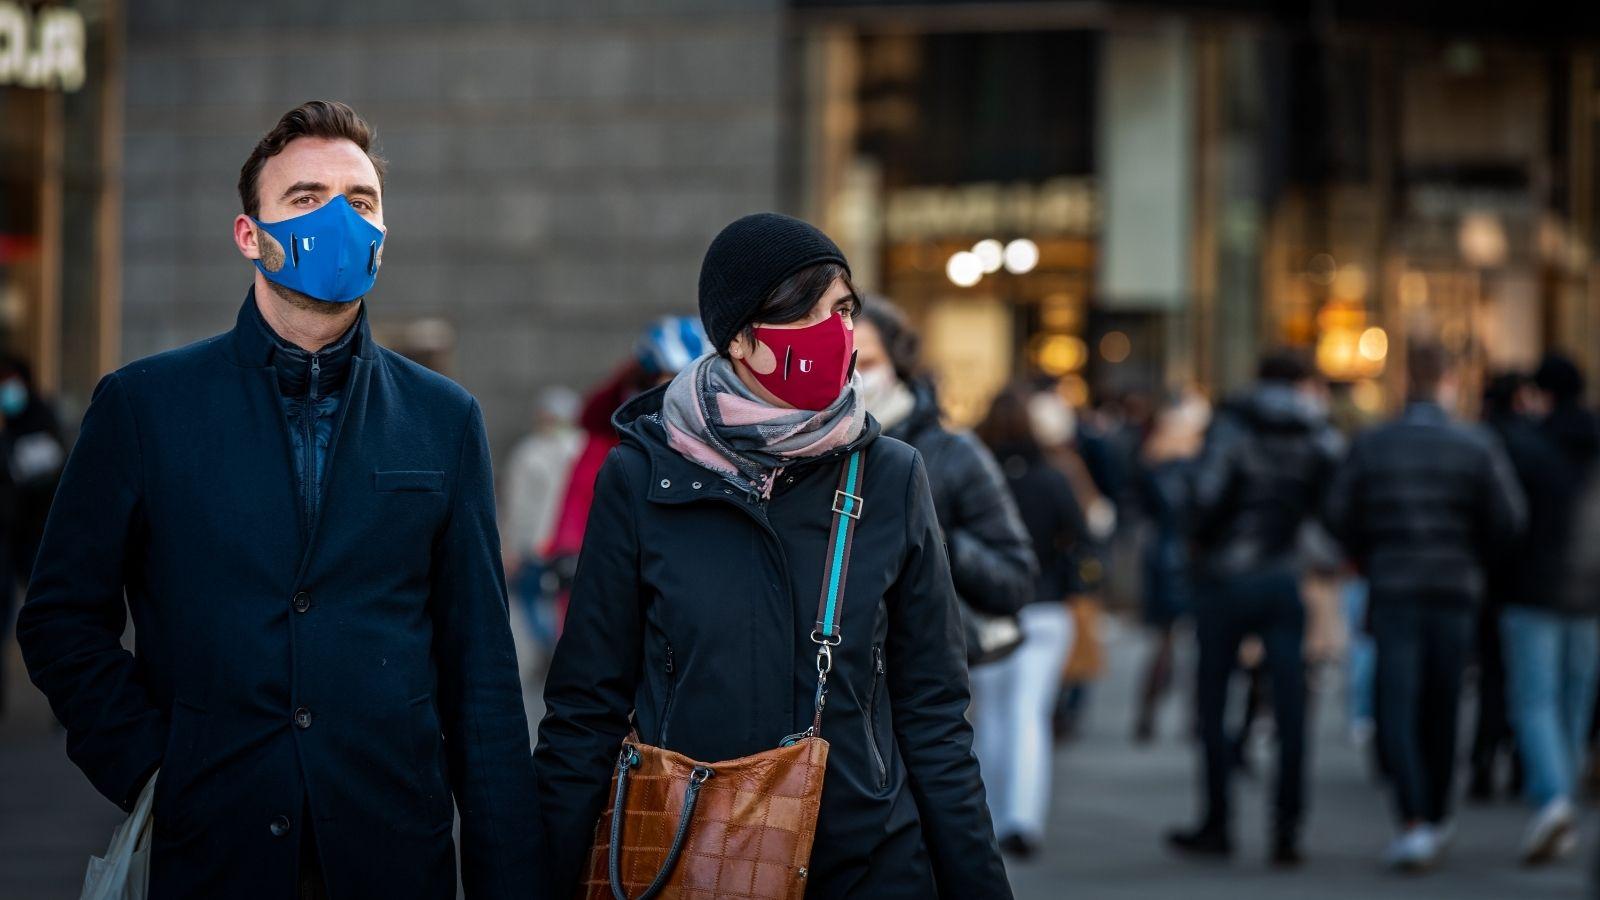 BADANIE: Jak rok z koronawirusem wpłynął na konsumenta? Trendy mediarun covid 19